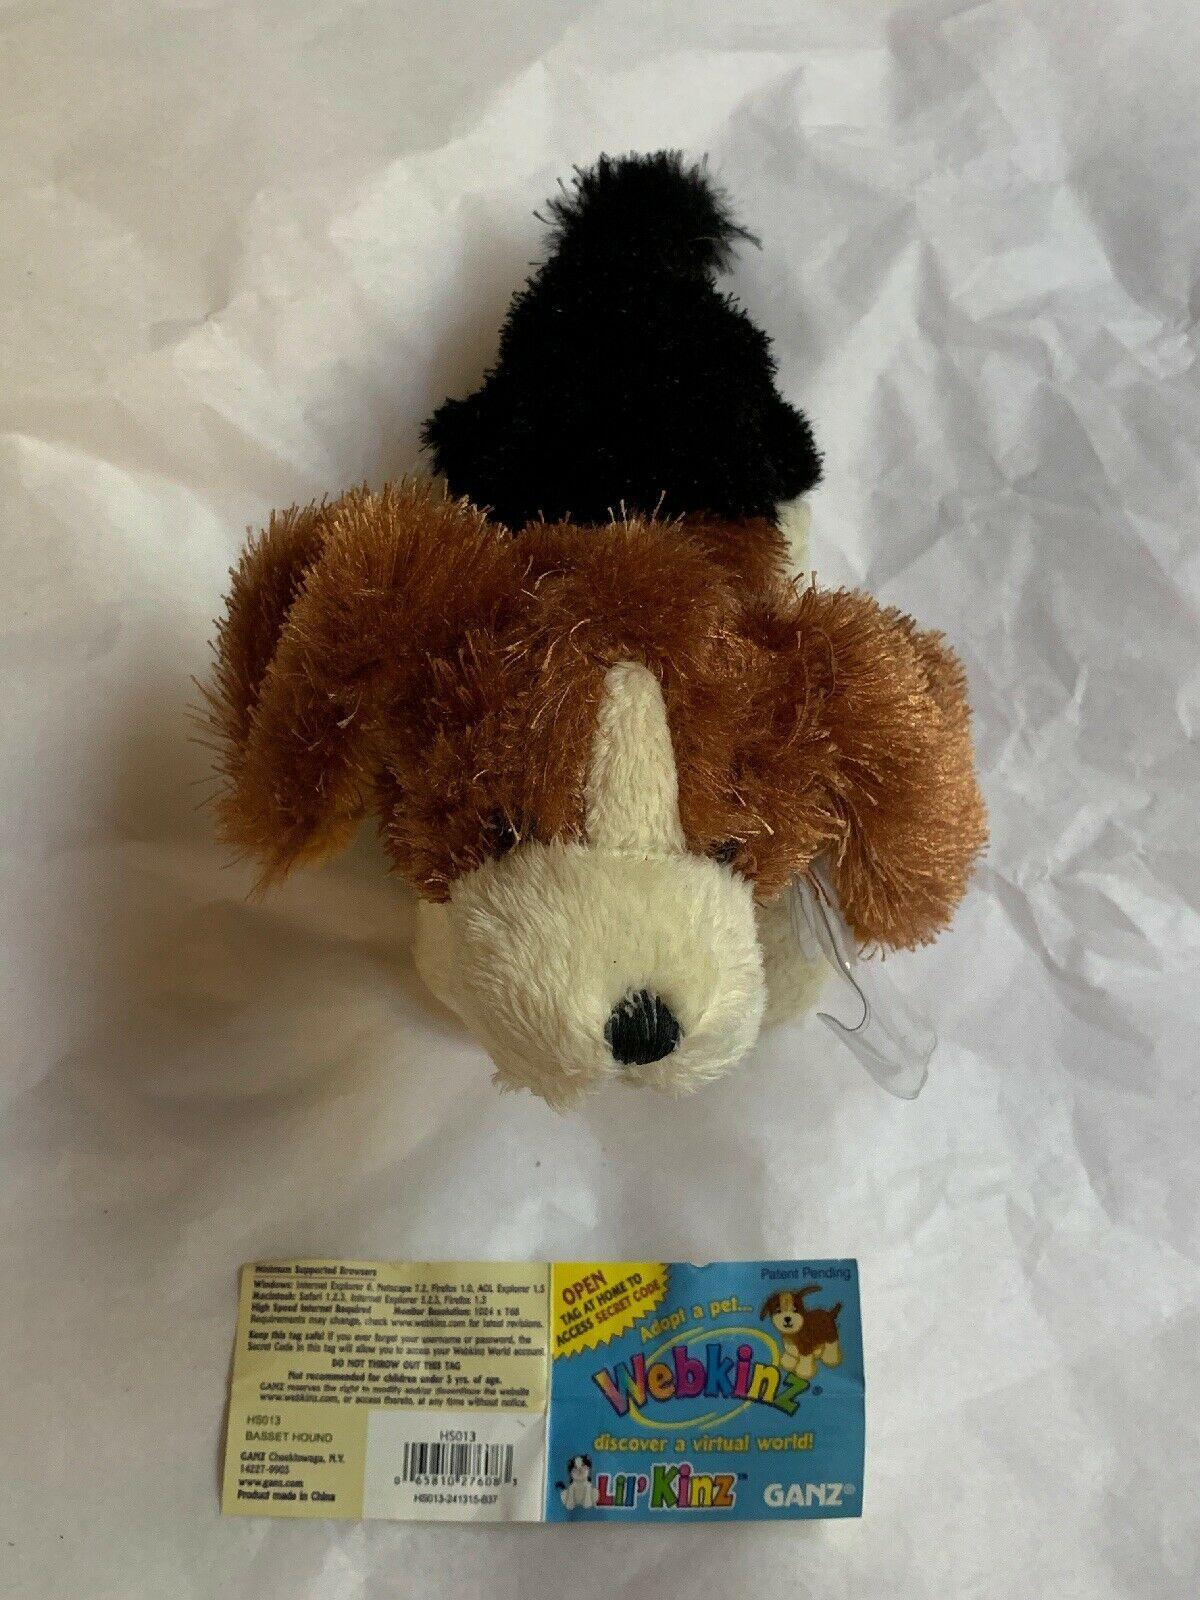 Ganz Webkinz Shaggy Brown White Basset Hound Puppy Dog Stuffed Plush Animal 9in image 2